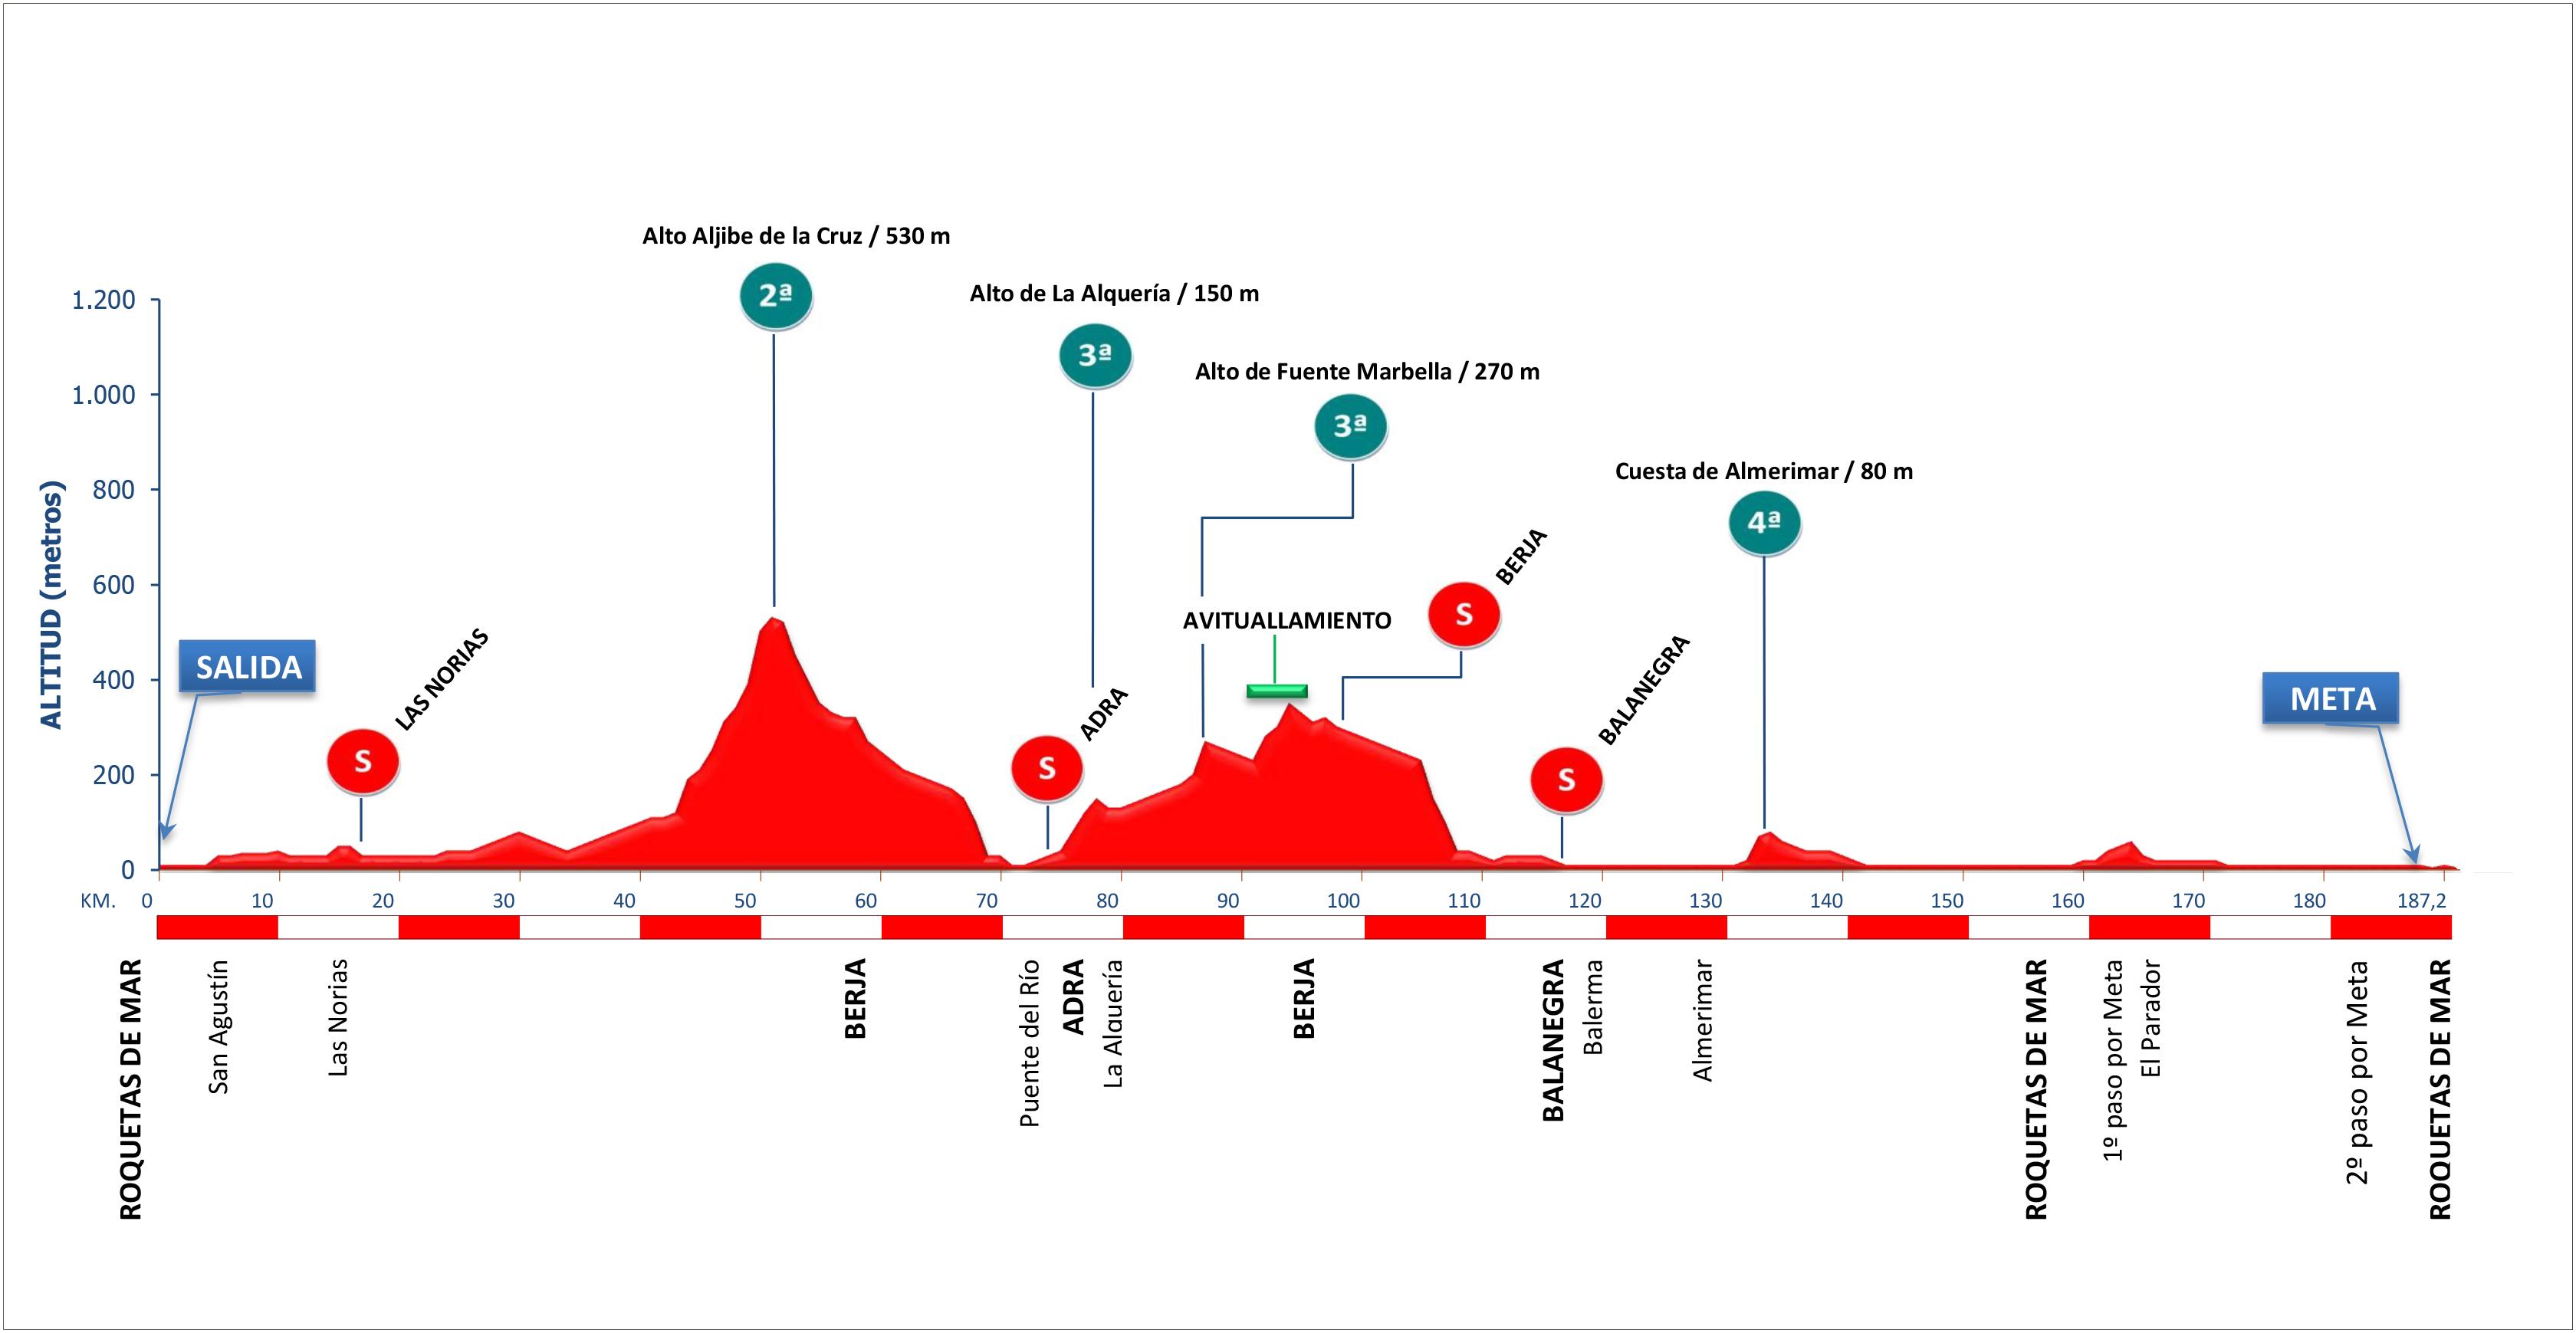 Roquetas del Mar – Roquetas del Mar. 187,2 kilómetros